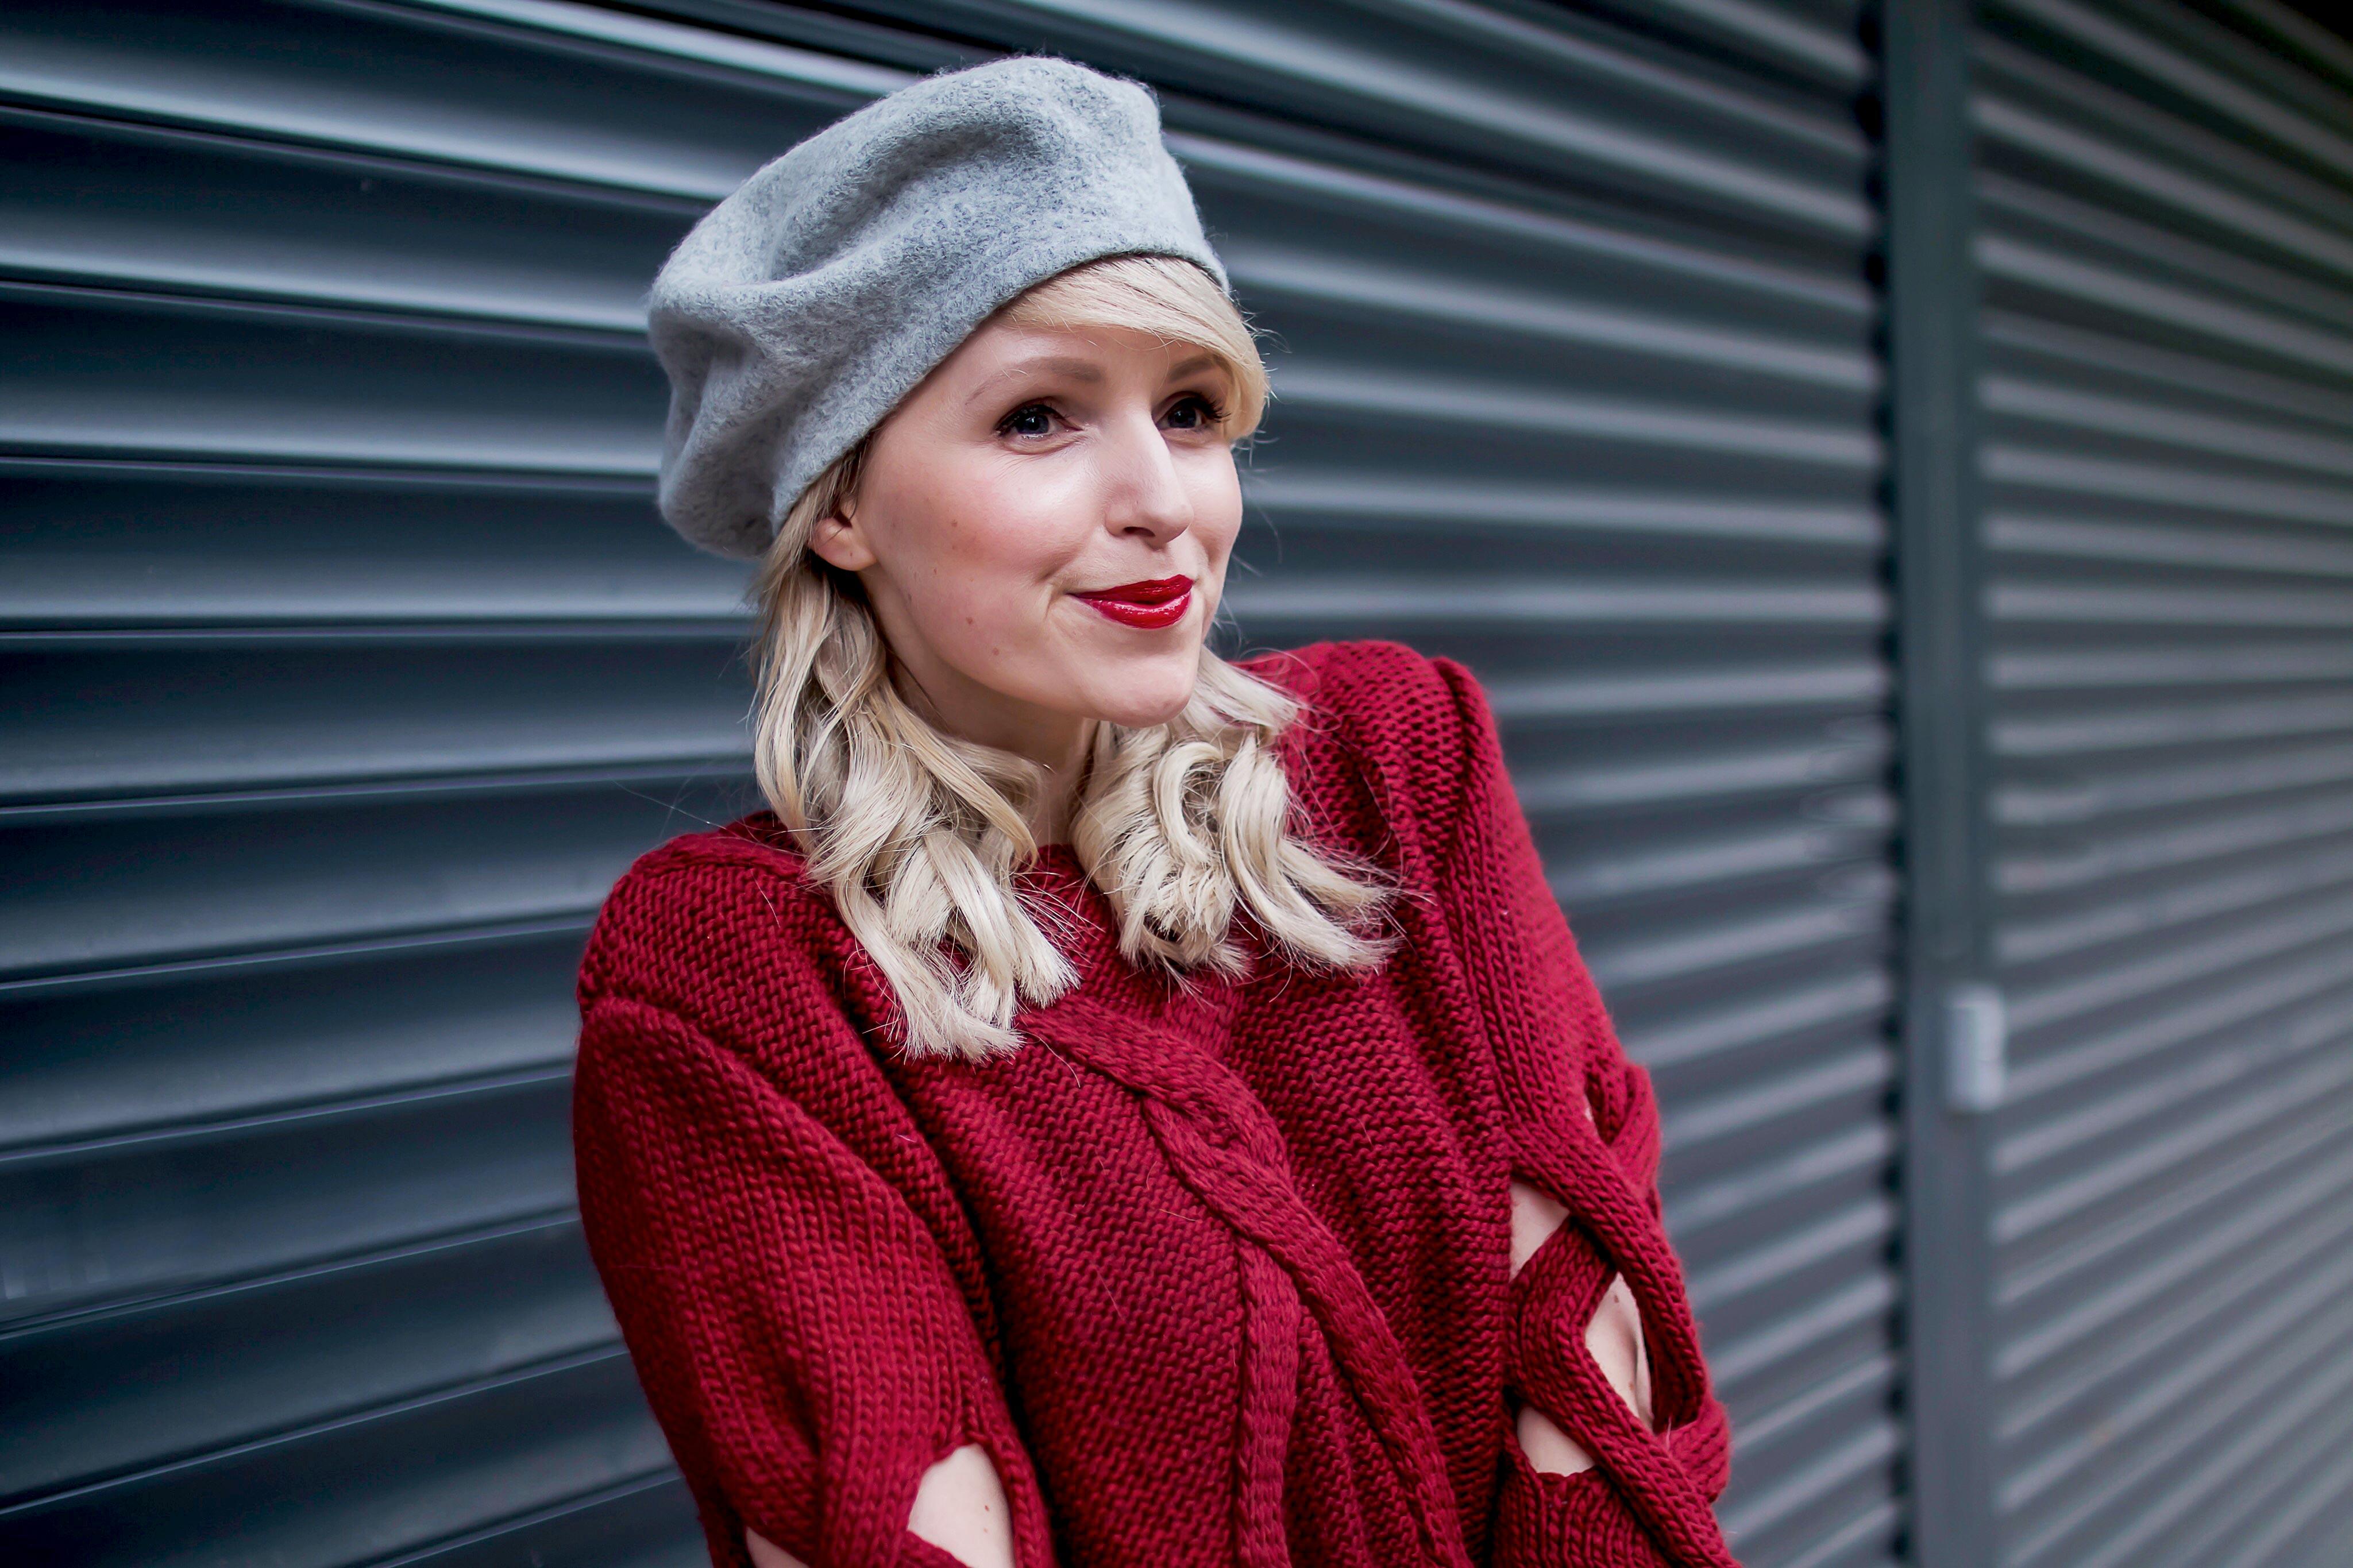 french_style_outfit_radley_wochenendstyle_baskenmuetze_franzoesisch_hut_2